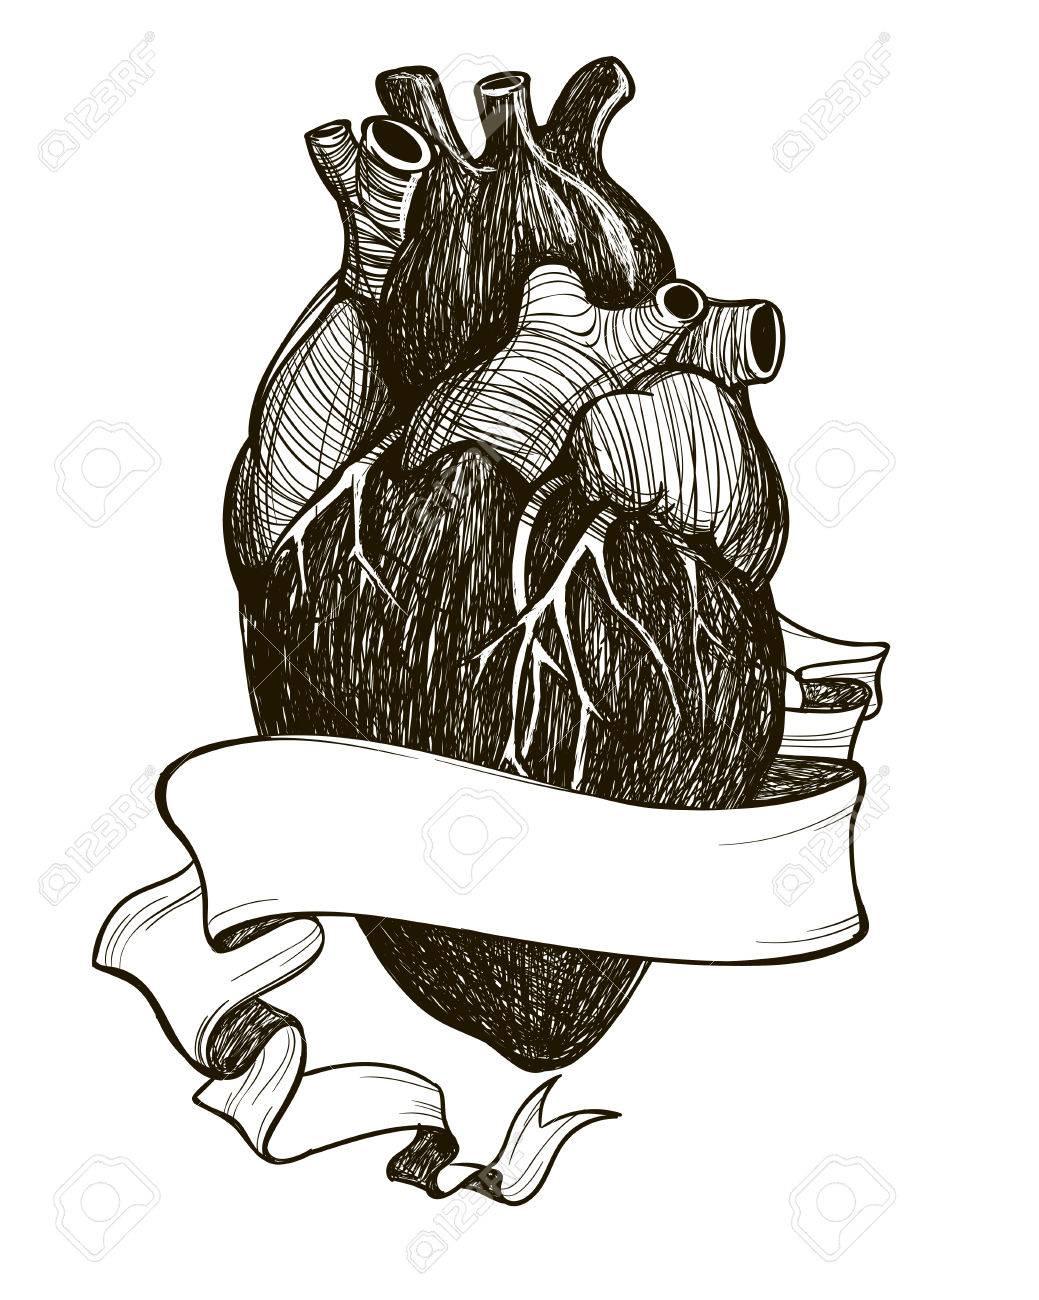 Menschliches Anatomisches Herz Mit Band Auf Weißem Hintergrund ...